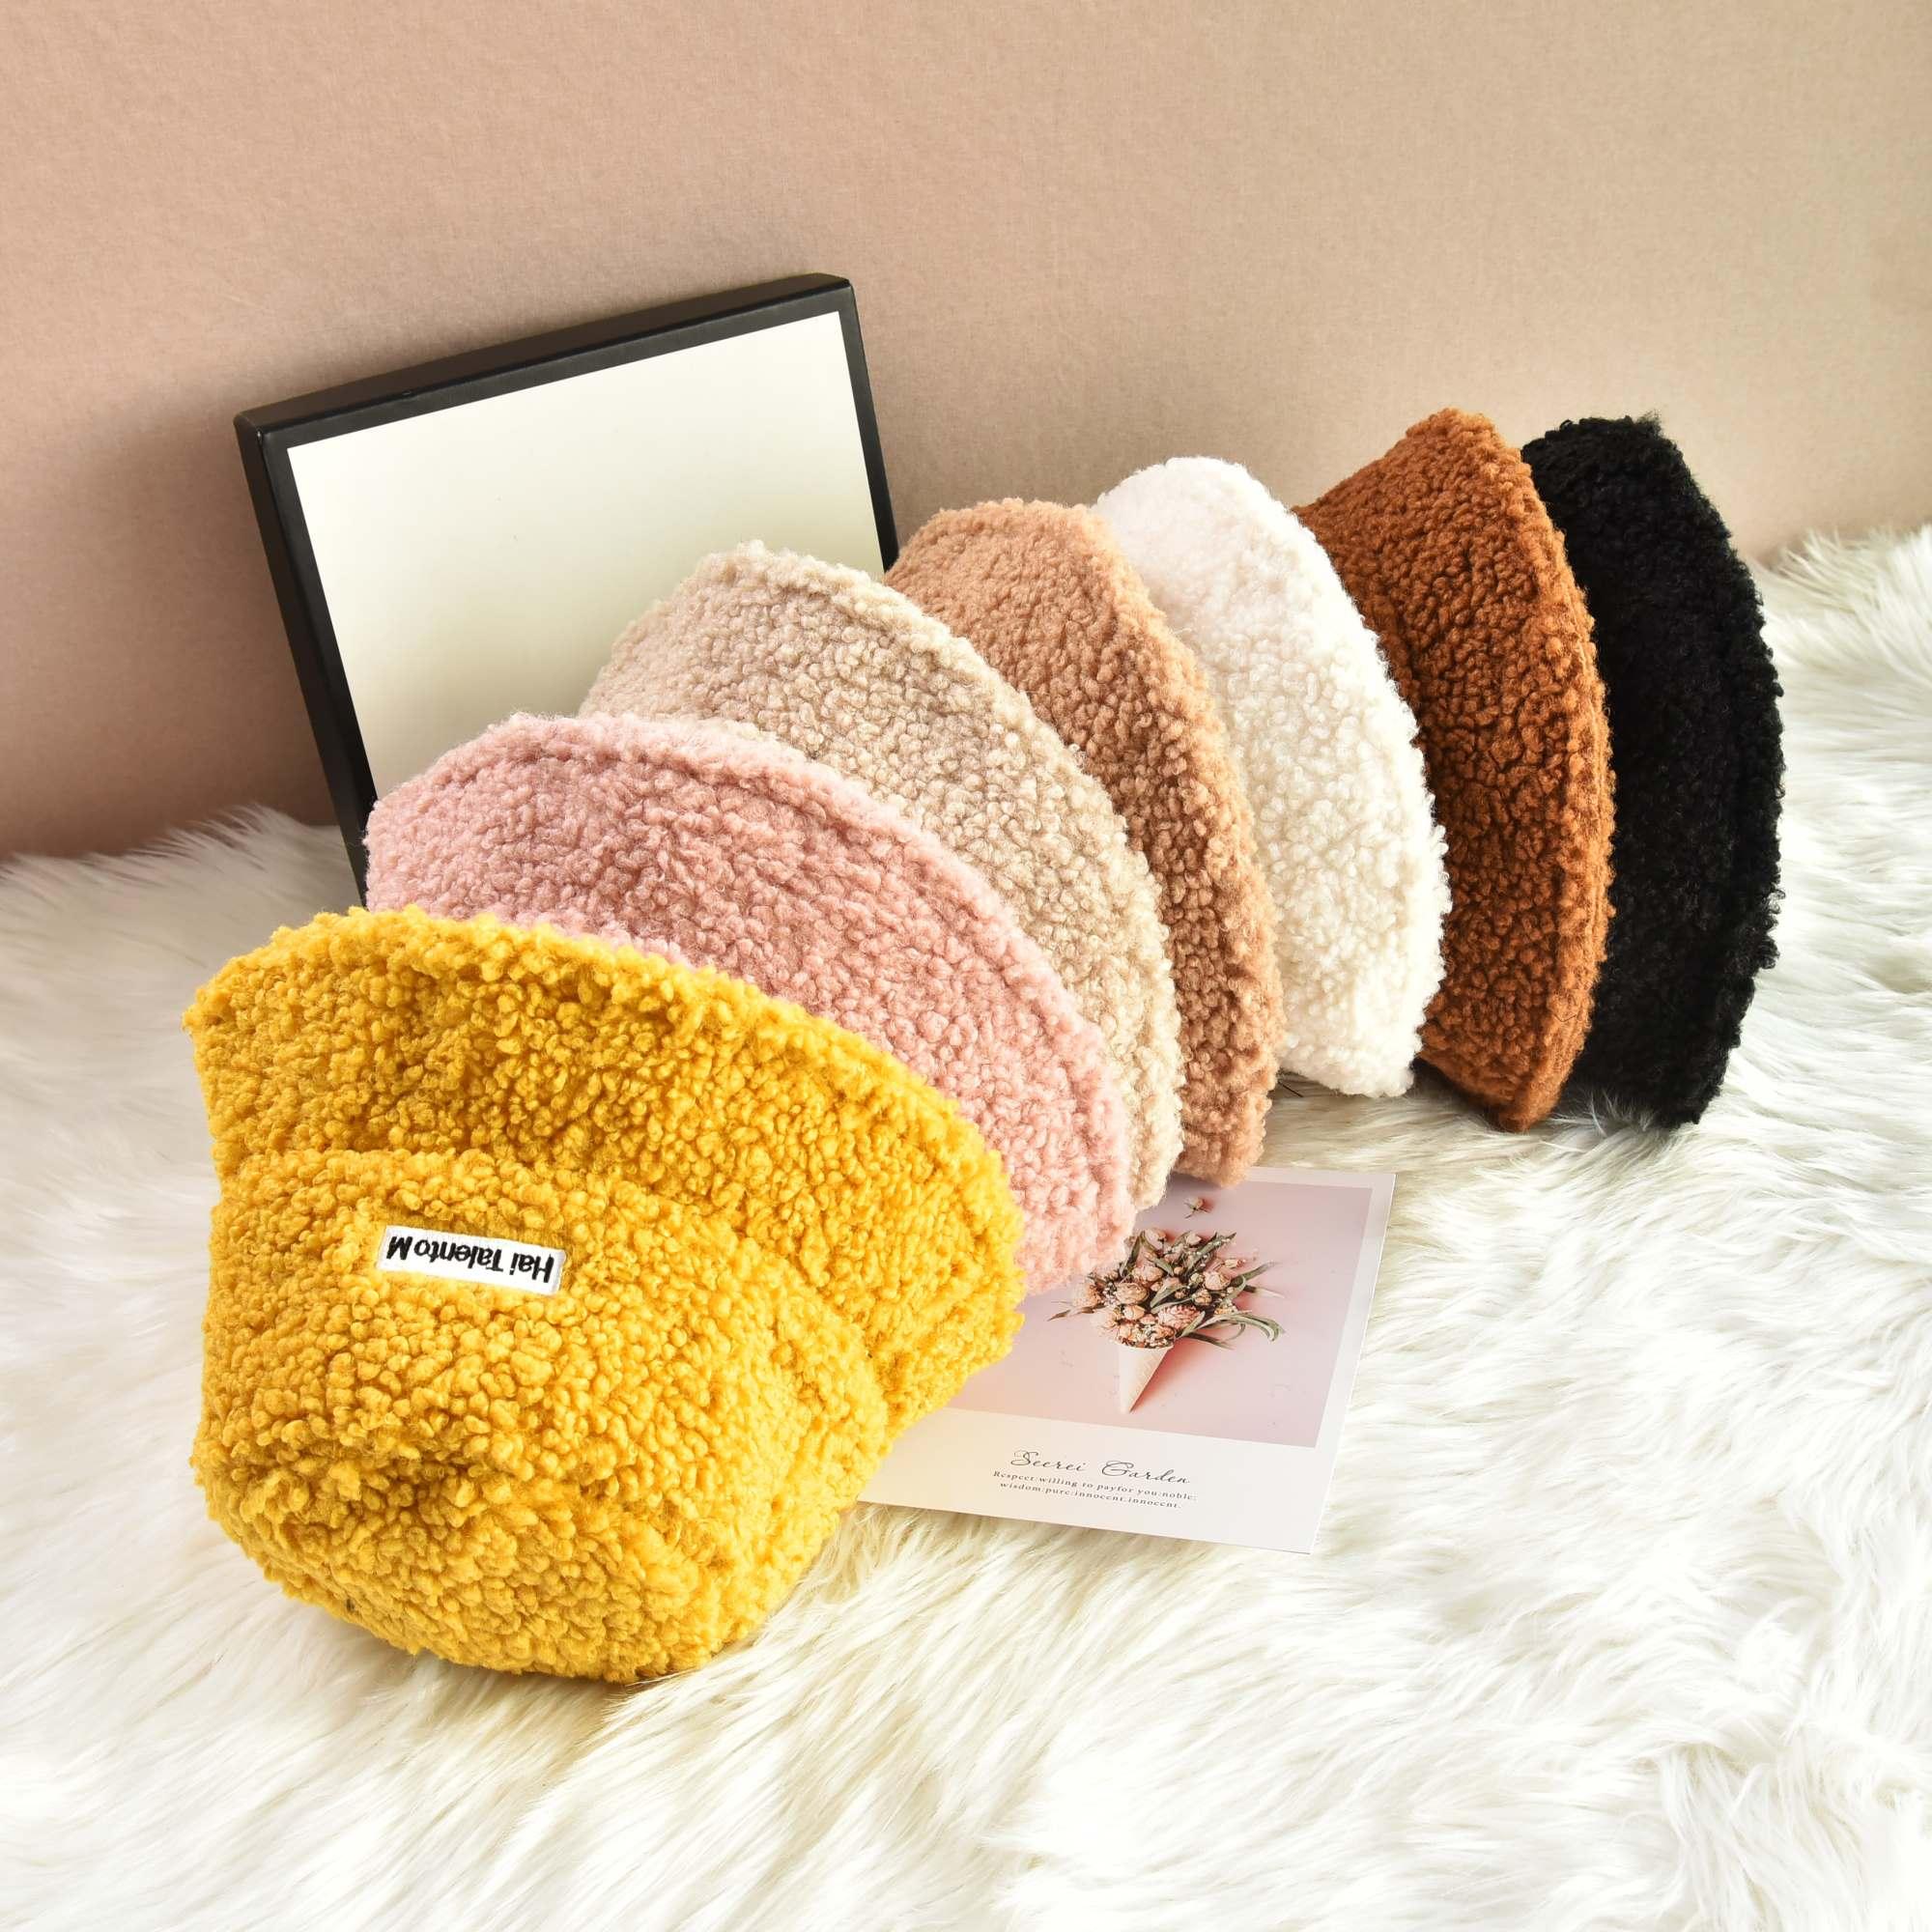 帽子女韩版学生秋冬季新款羊羔毛保暖渔夫帽baby明星同款帽子盆帽图片